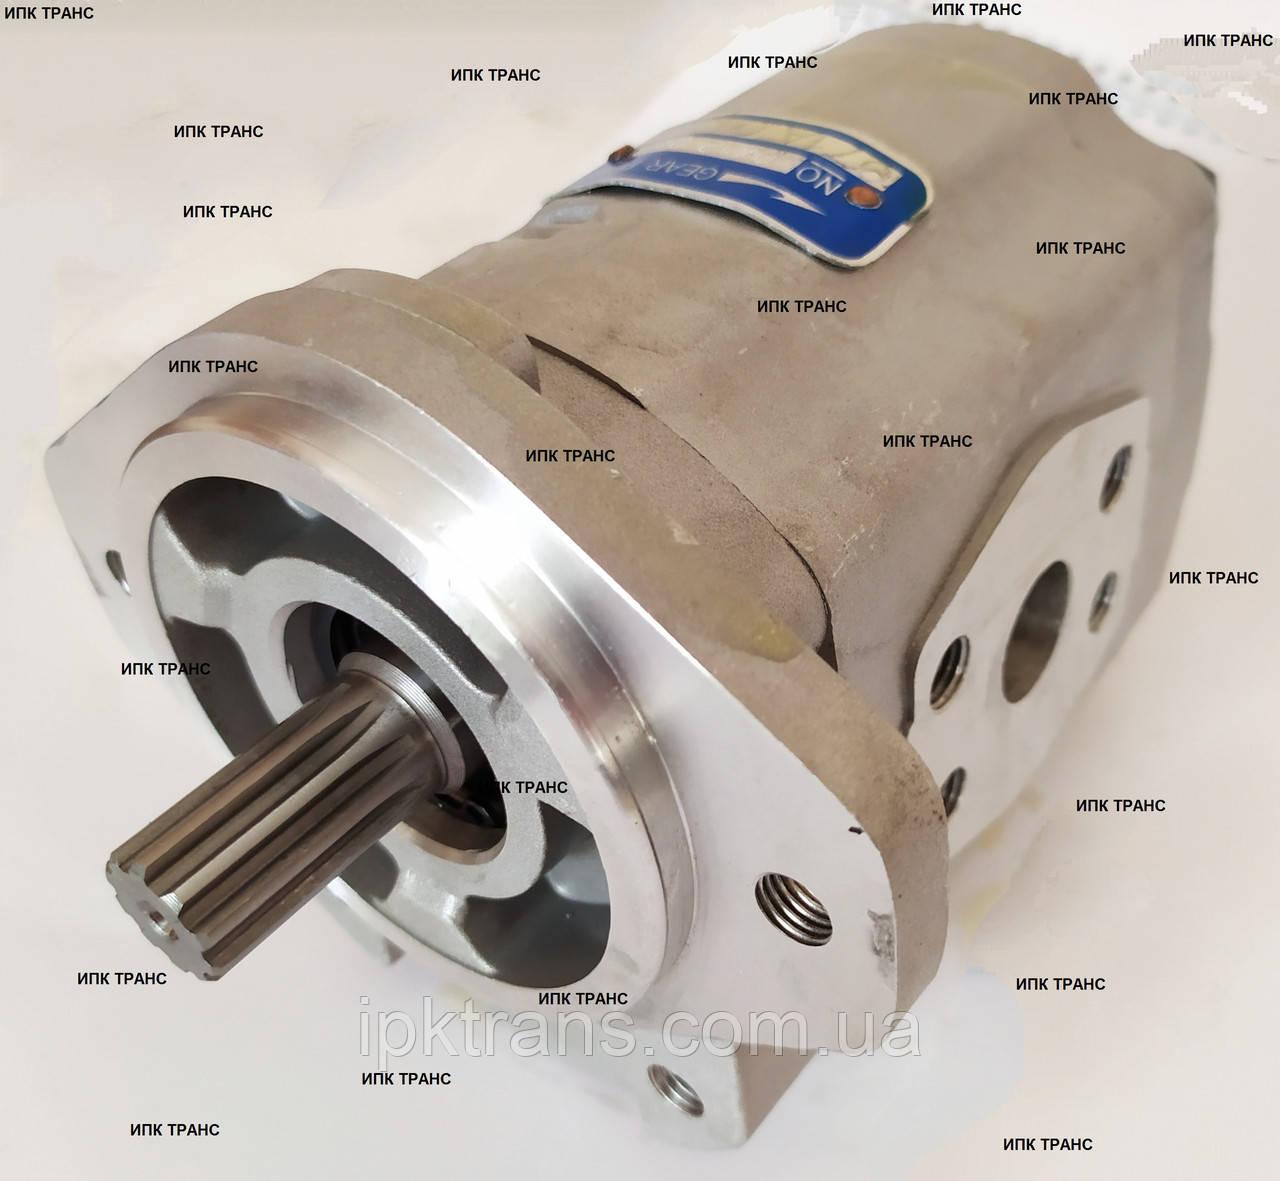 Гидравлический насос на погрузчик Toyota 02-6FG15 (6100 грн) 671101360071, 67110-13600-71